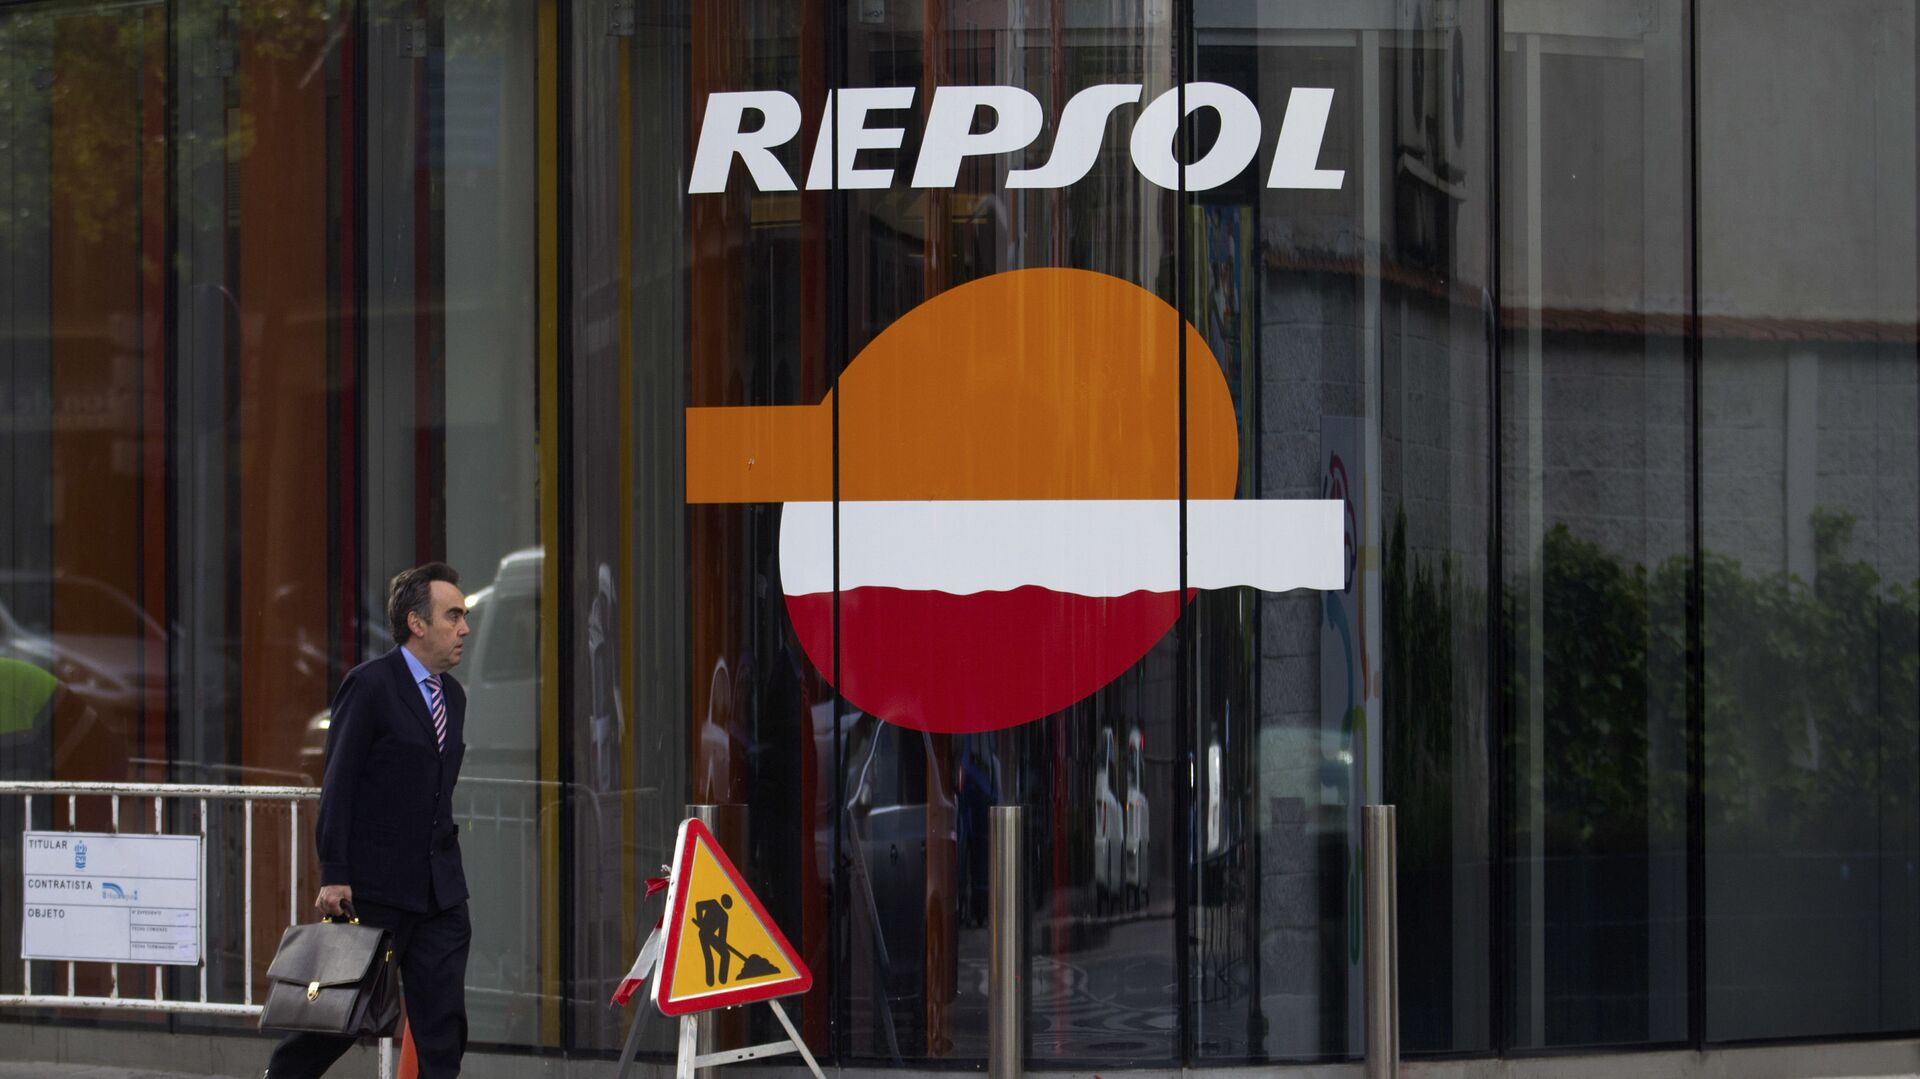 Logo de Repsol - Sputnik Mundo, 1920, 15.04.2021